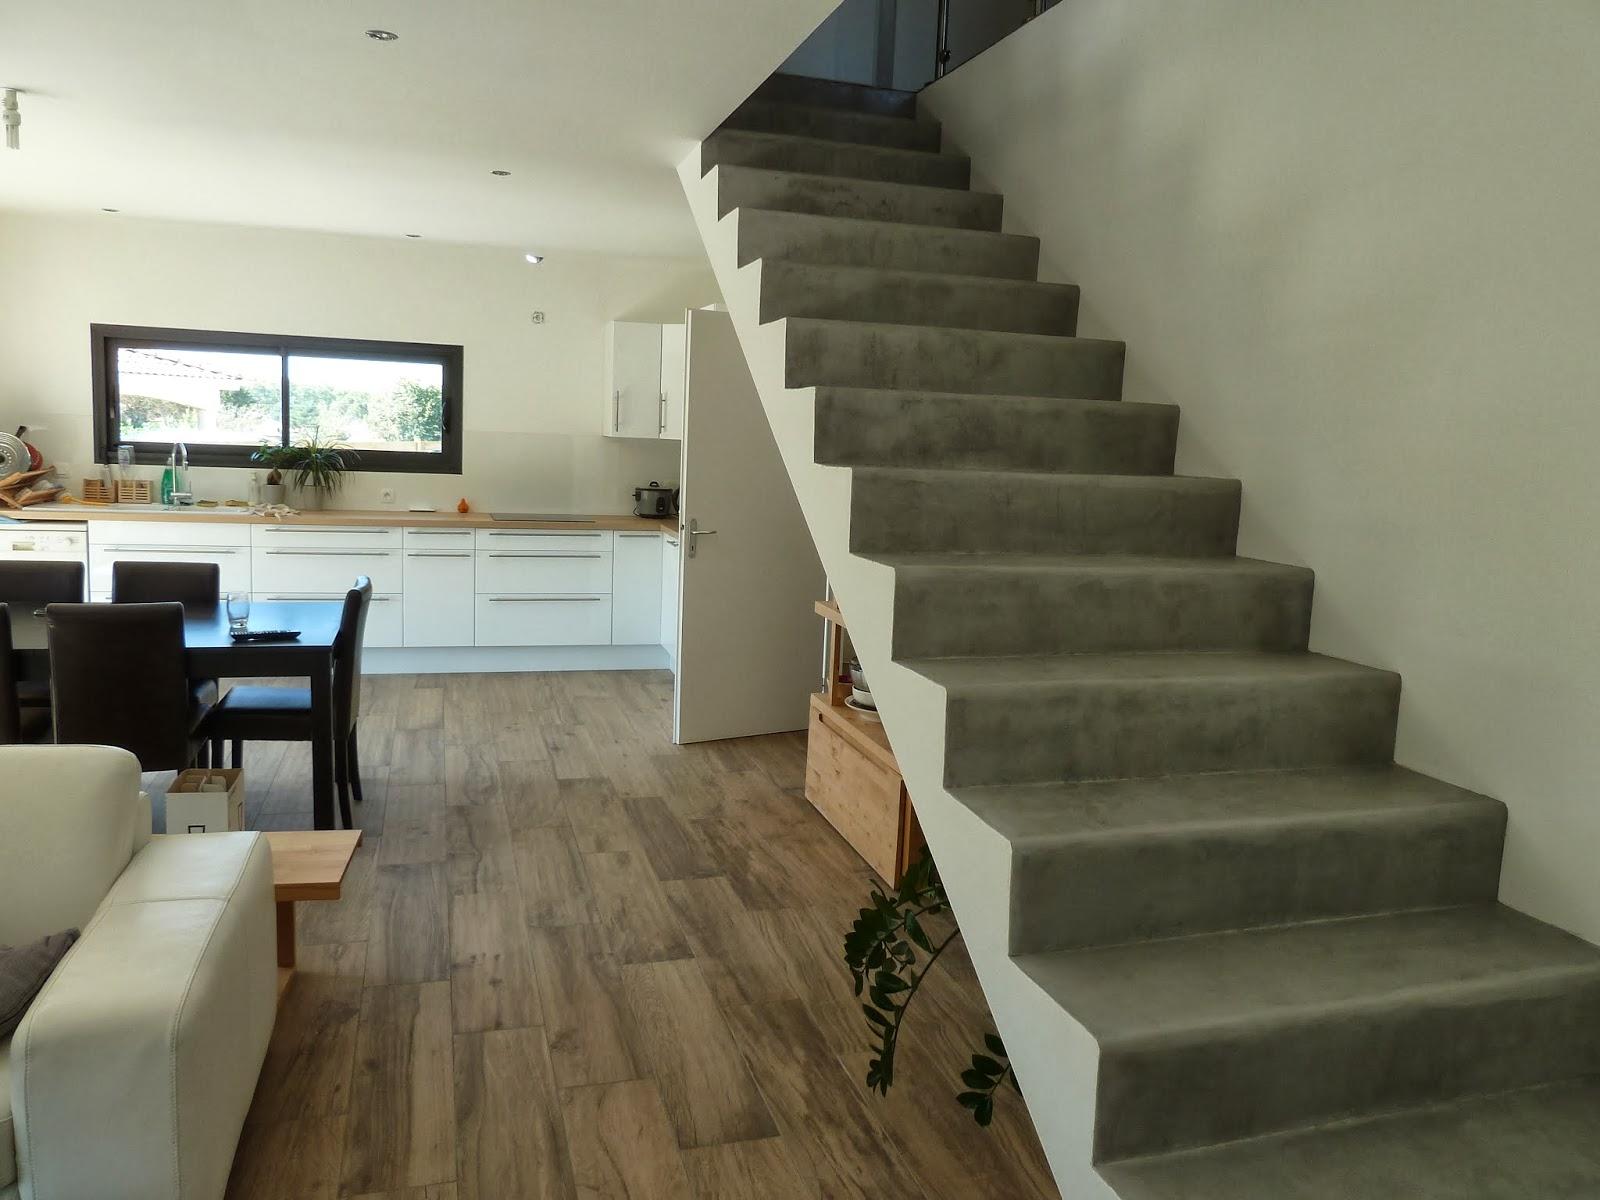 Ma maison bioclimatique escalier en b ton cir - Escalier en beton cire ...